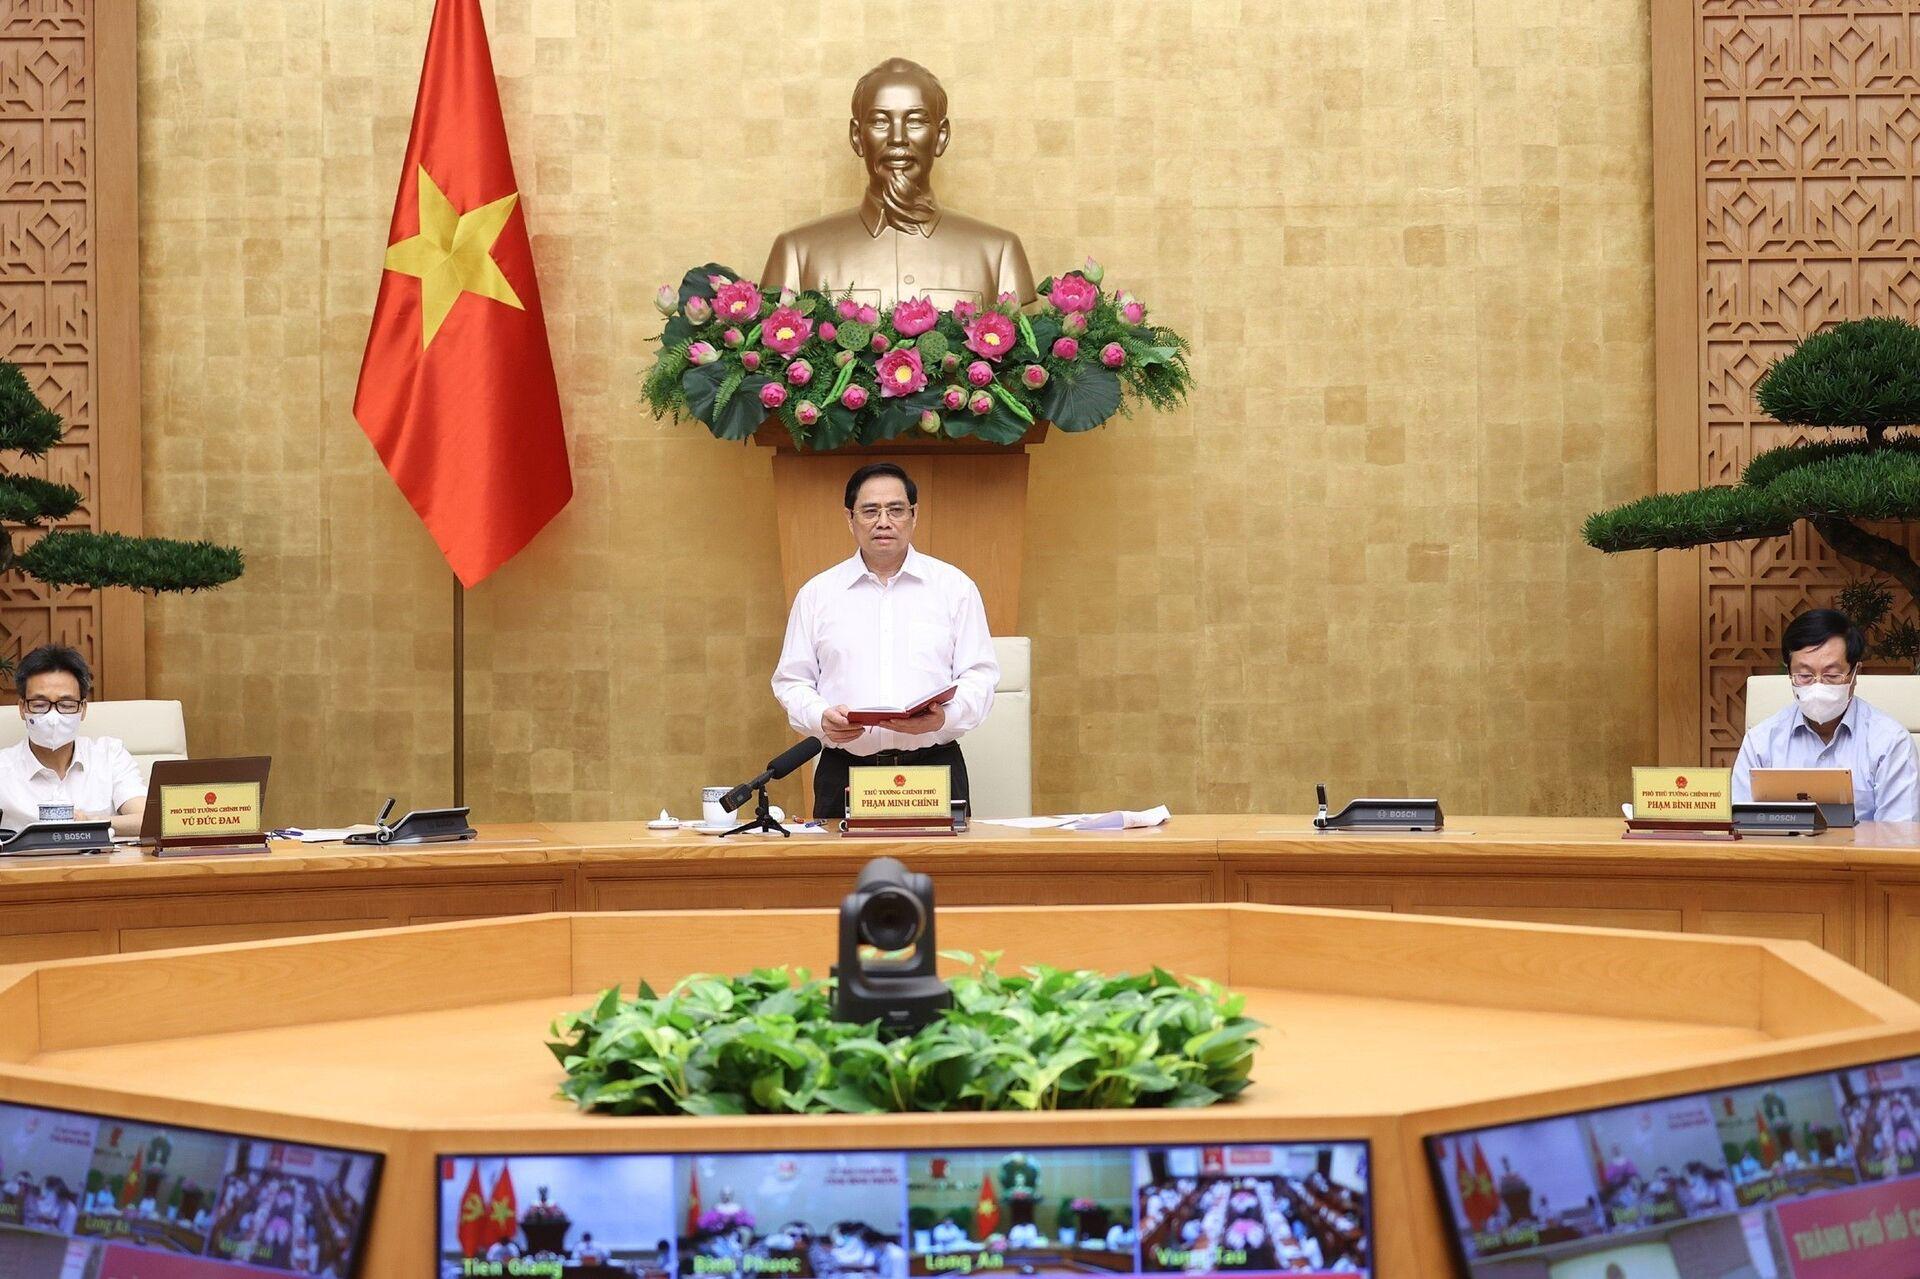 Dịch Covid-19 diễn biến phức tạp, Thủ tướng Phạm Minh Chính họp với 8 tỉnh, thành phố phía Nam - Sputnik Việt Nam, 1920, 04.07.2021